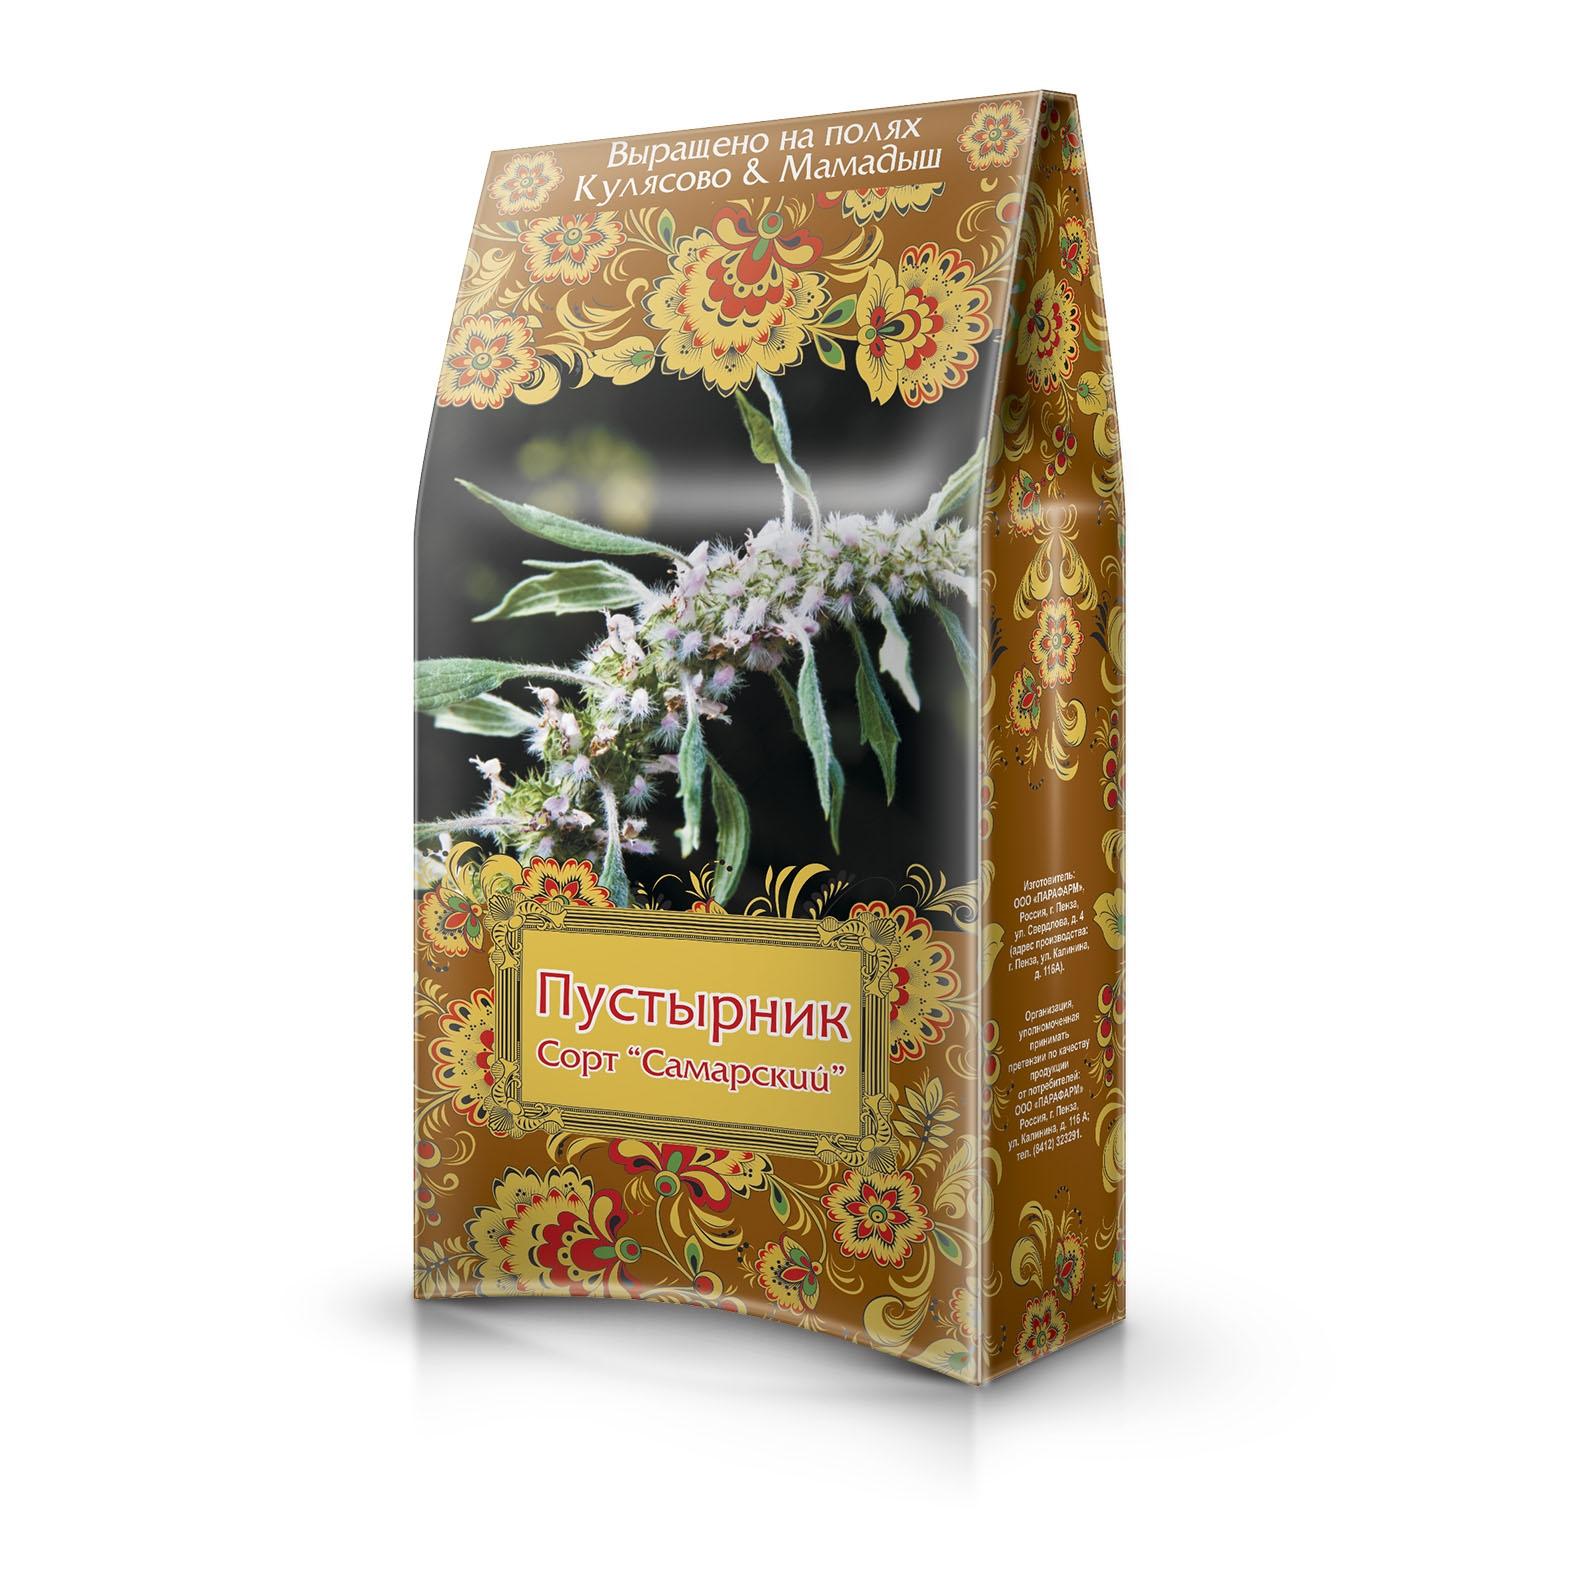 Трава пустырника: инструкция по применению, лечебные свойства, противопоказания